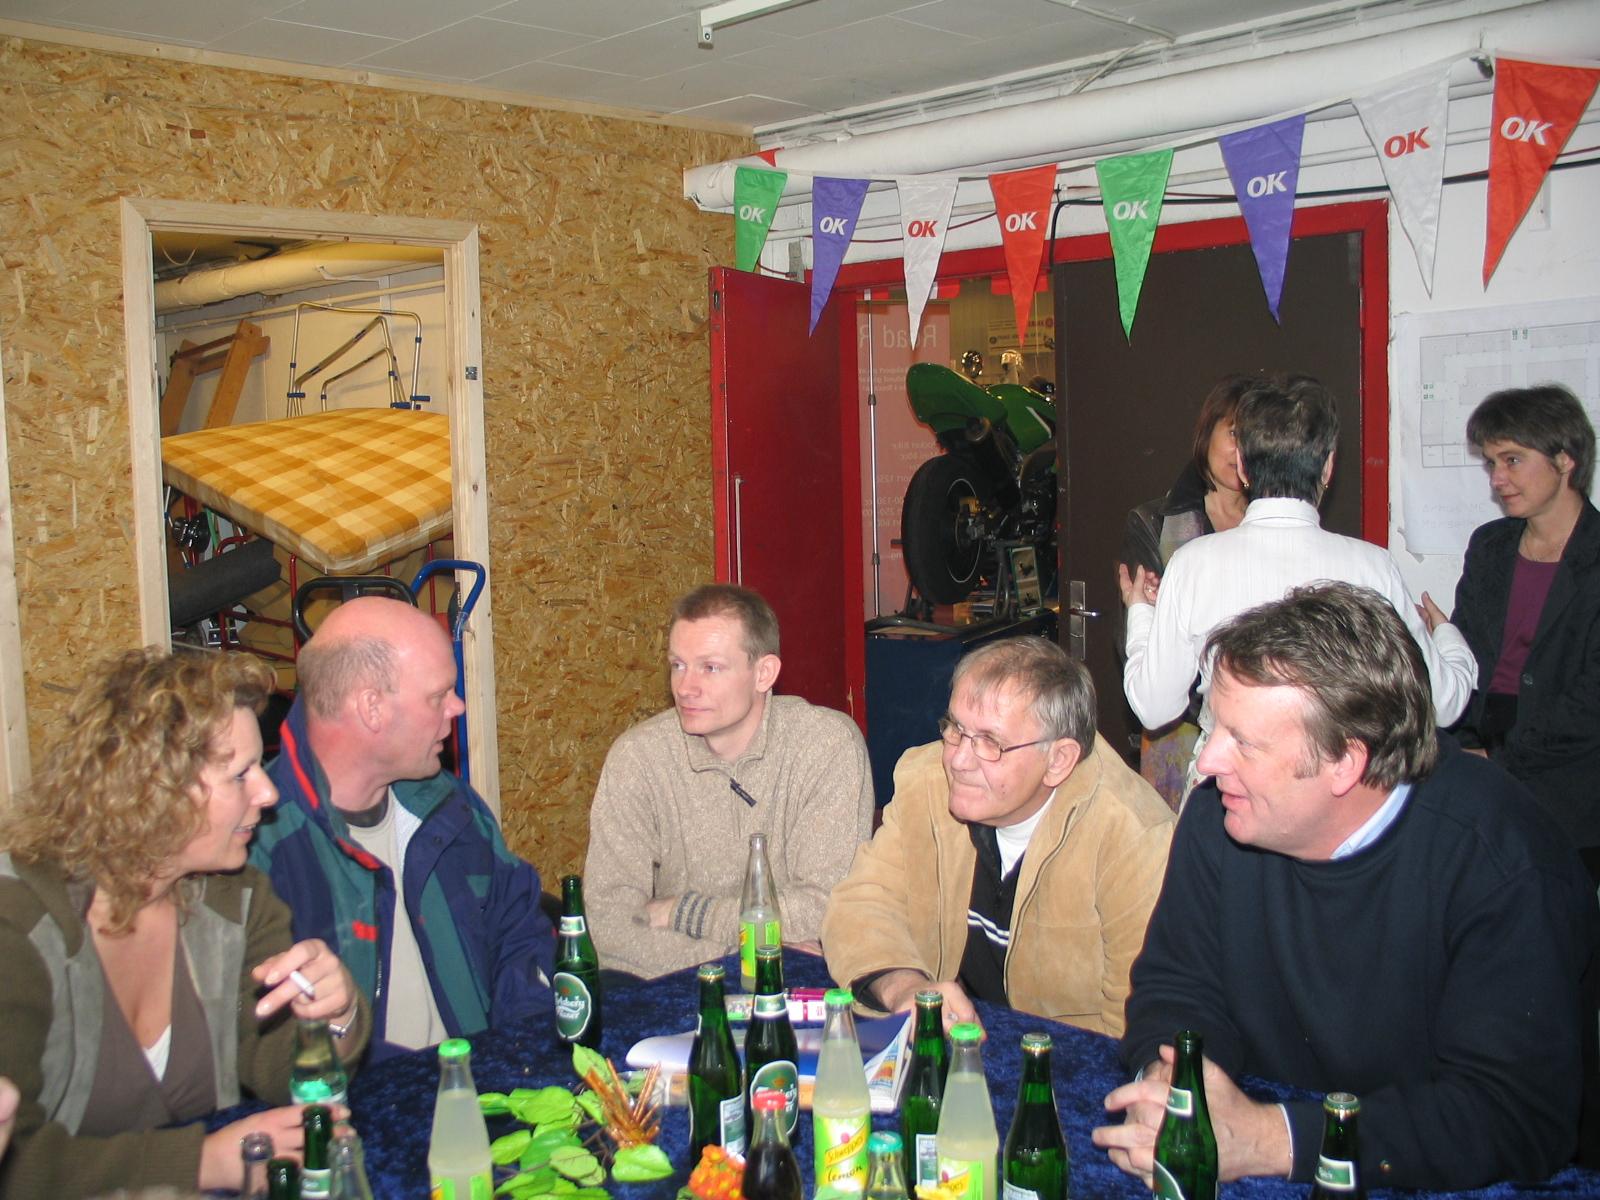 Møde i Base-camp Kathrine Kroon, Jesper Hald, Jørgen Vendelbo, Henning og Steen.